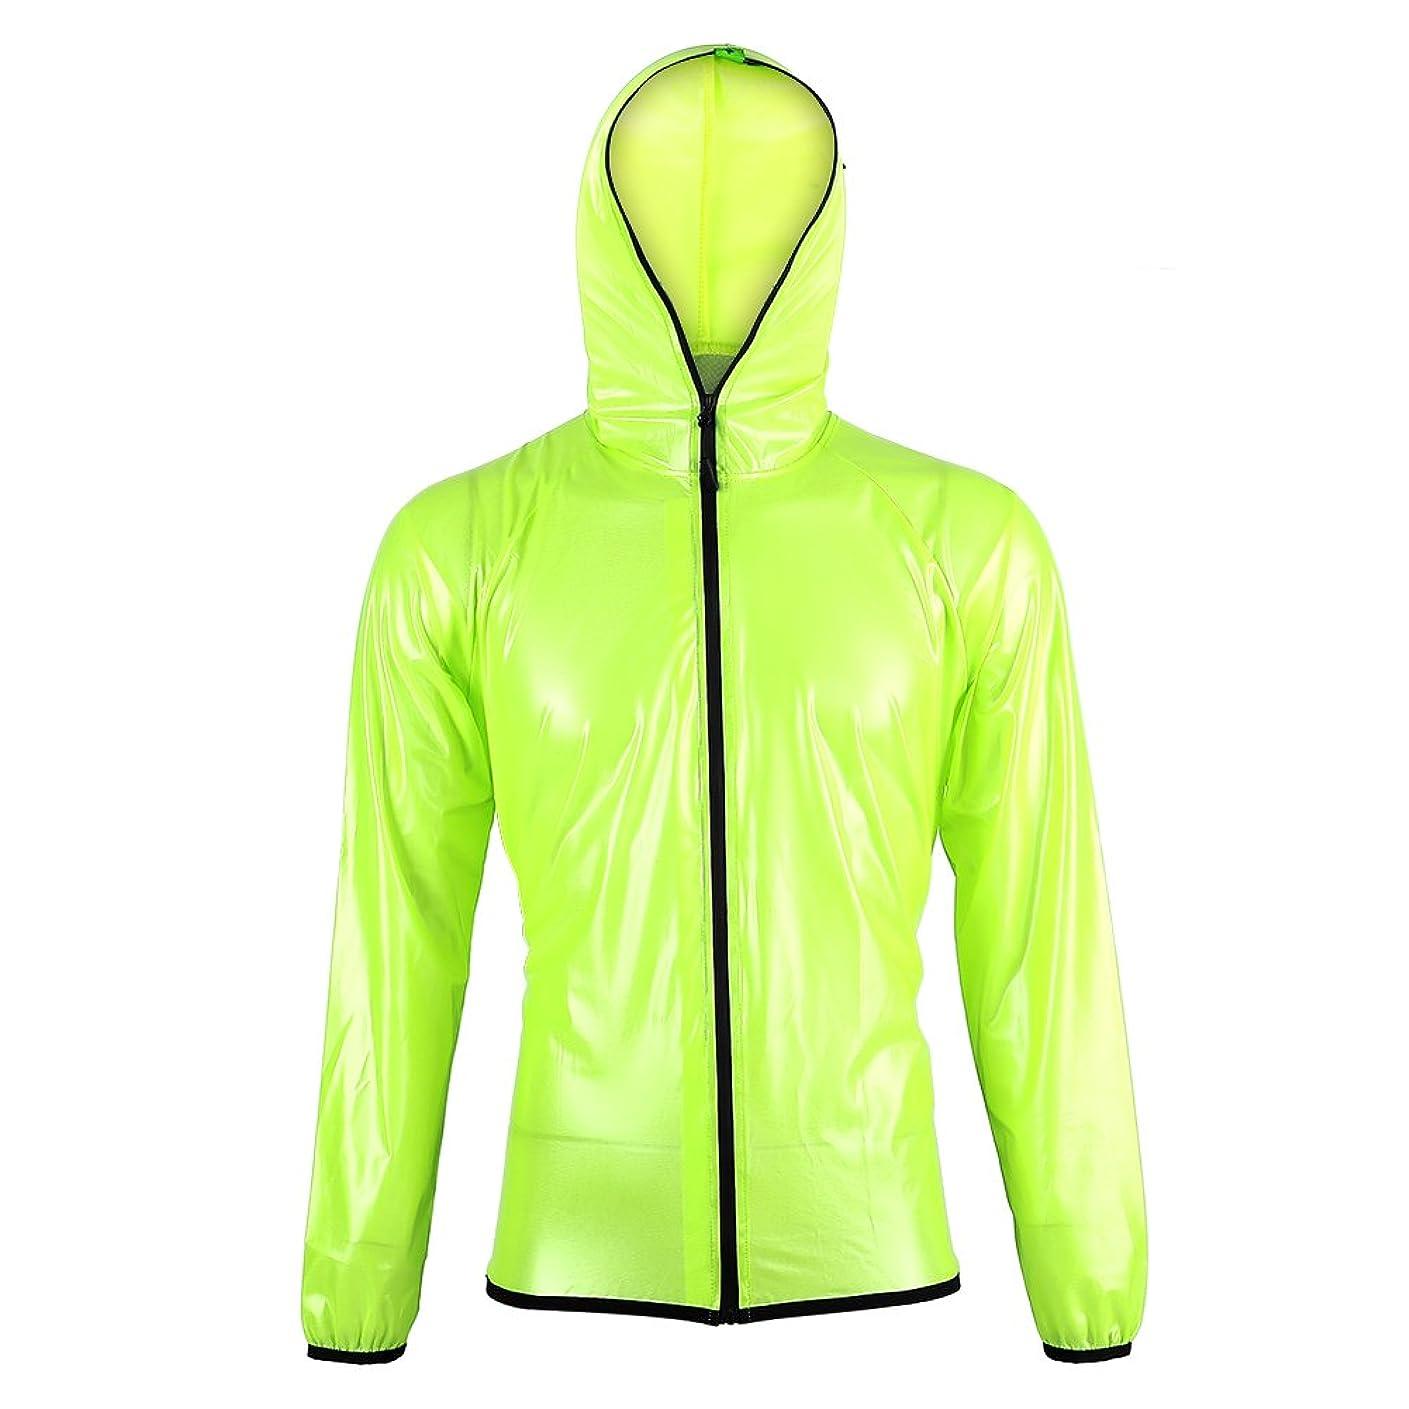 消化高原カレッジレインウエア 透明なレインコート サイクリングレインコート 防水 軽量 アウトドア 耐久性 通湿性 雨具 自転車 バイク